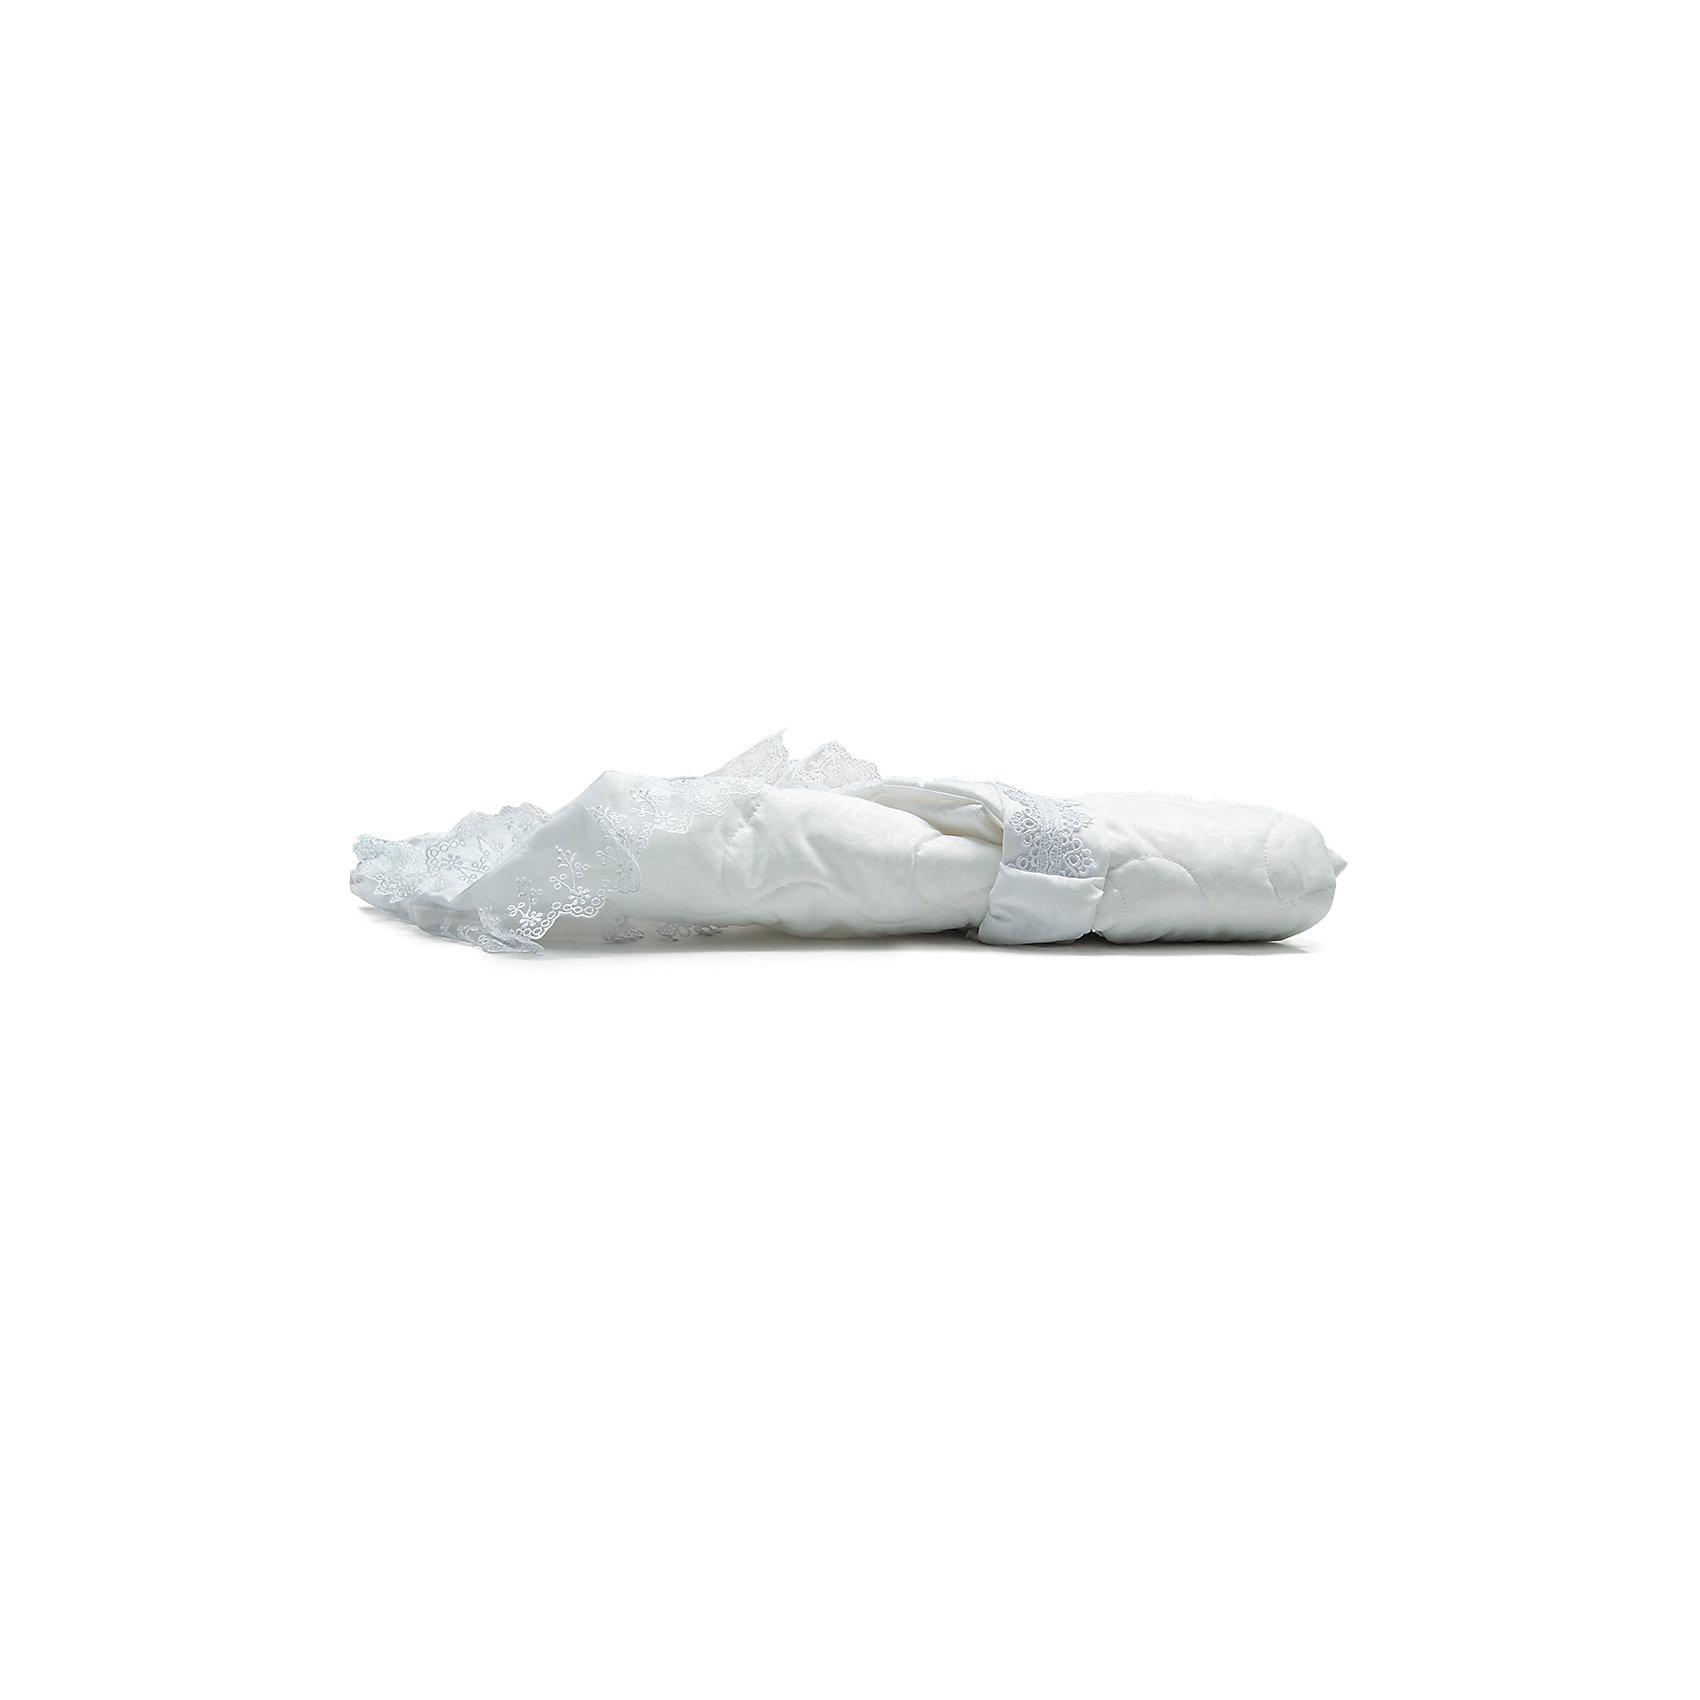 Конверт-Одеяло Венеция 2016, Сонный гномик, белый